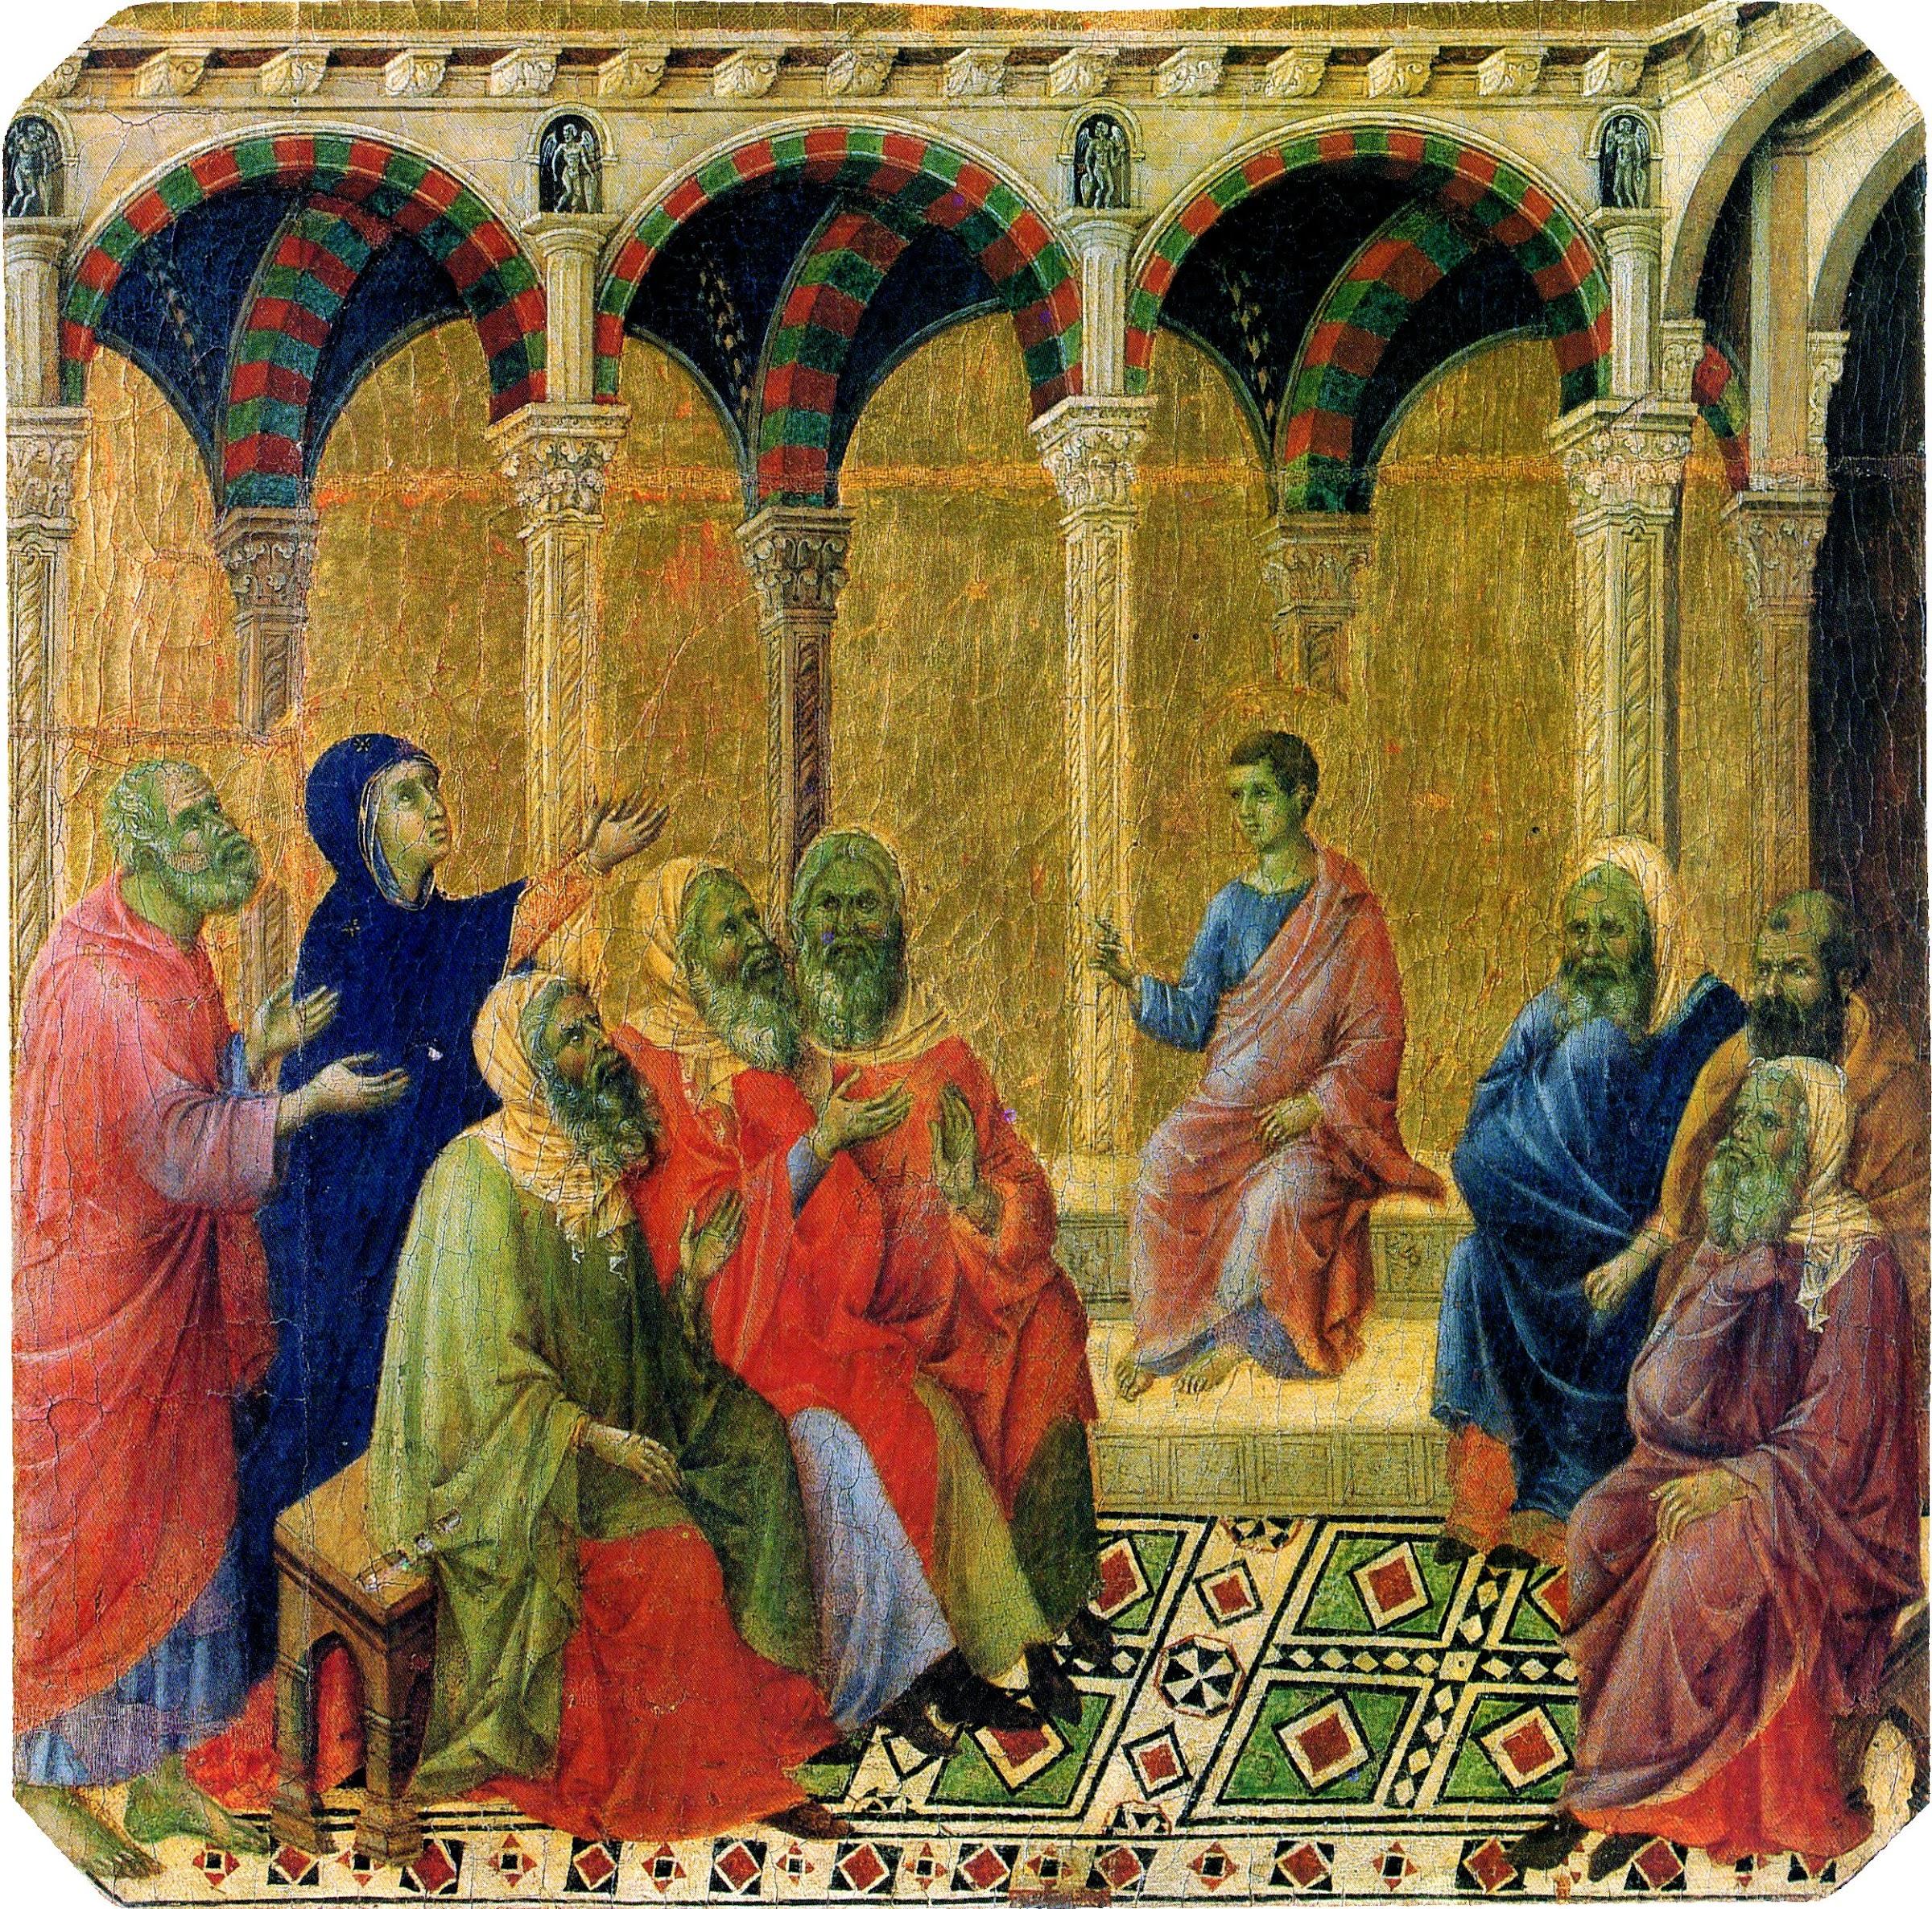 Duccio di Buoninsegna, Predella della Maestà, Disputa di Gesù fanciullo con i dottori